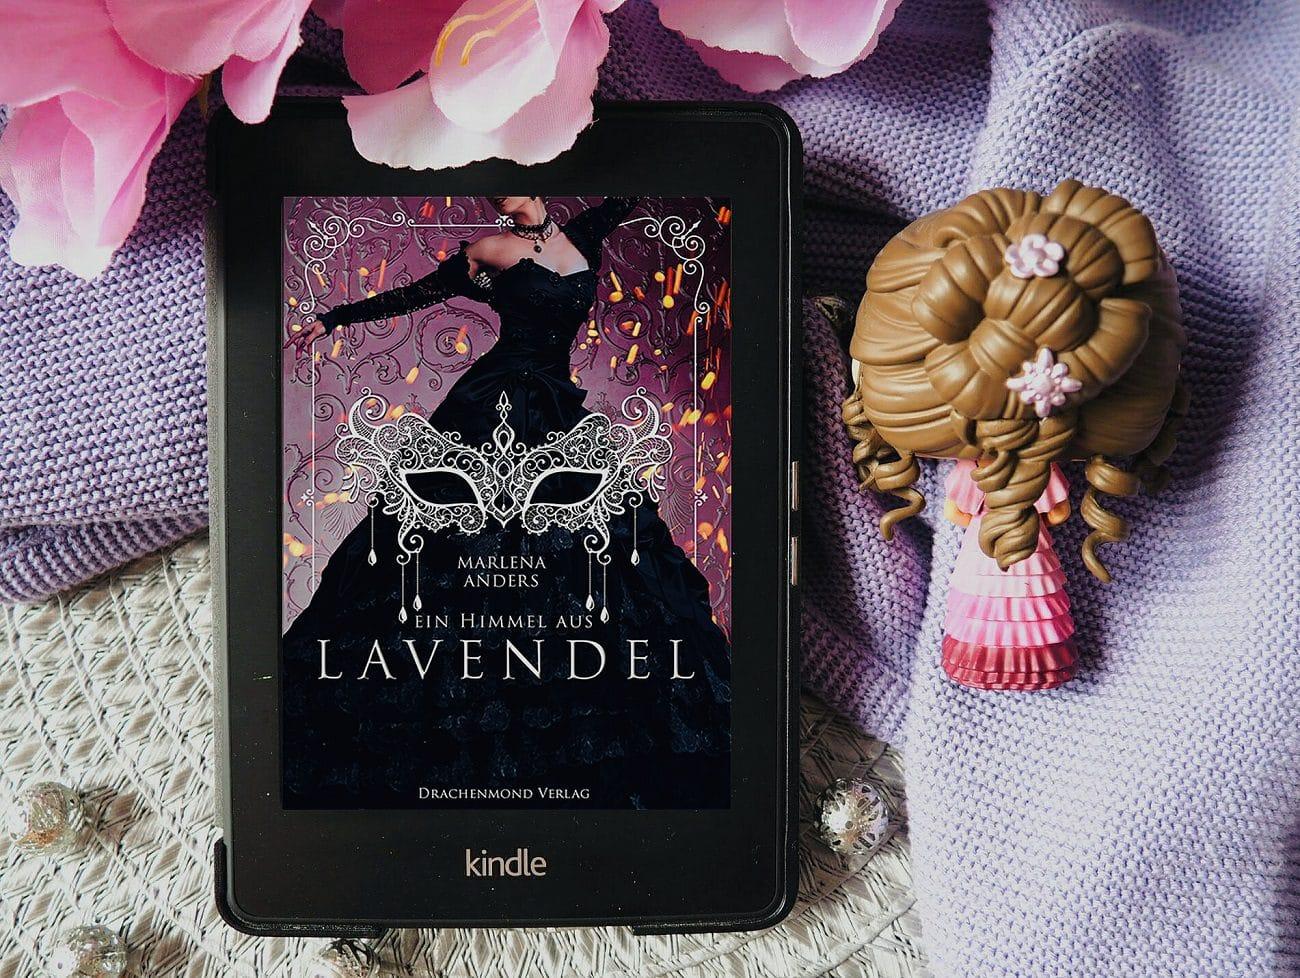 Ein Himmel aus Lavendel [Review]